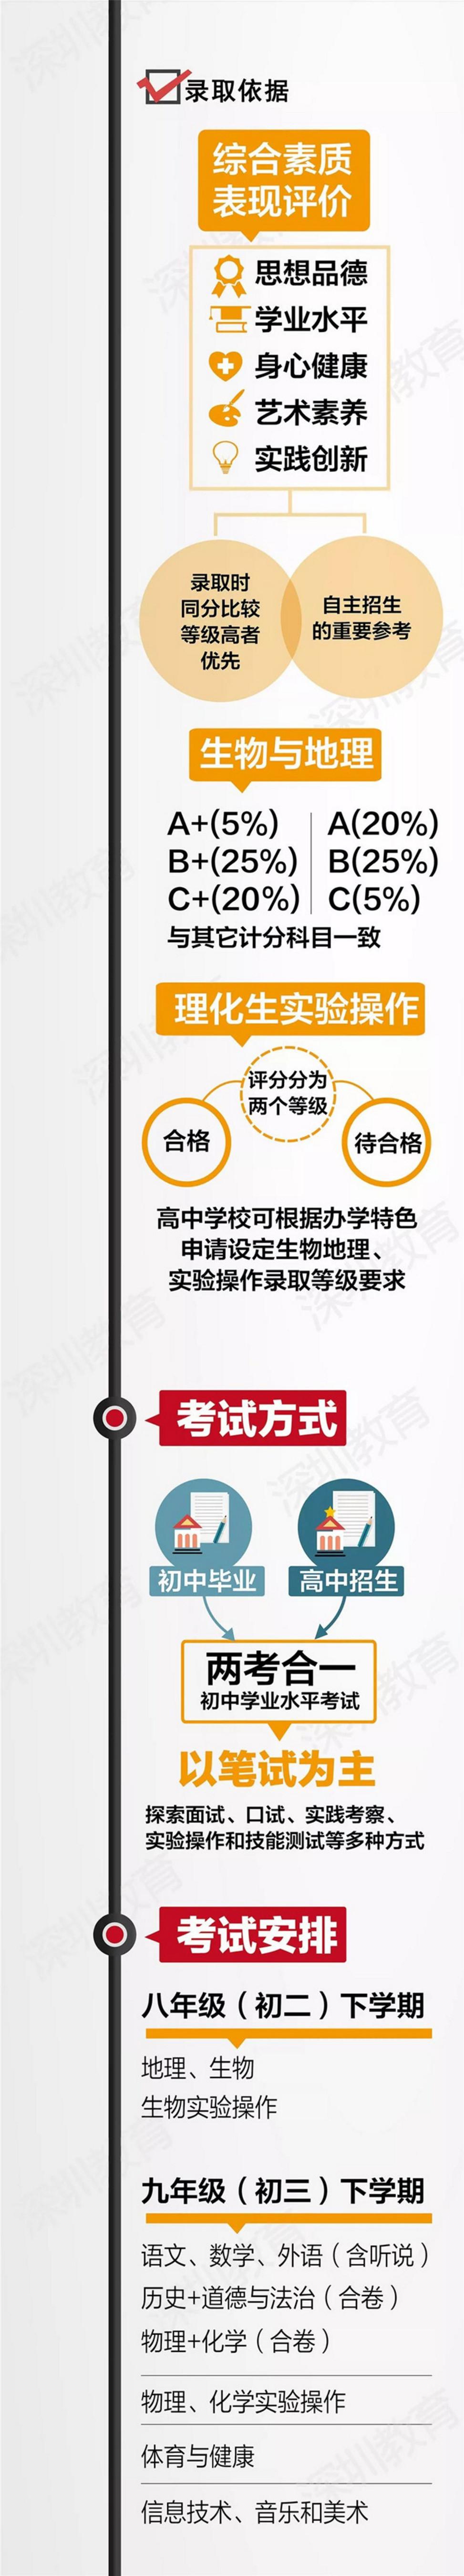 2019深圳中考改革新政策实施意见公告(?#35745;?#29256;)